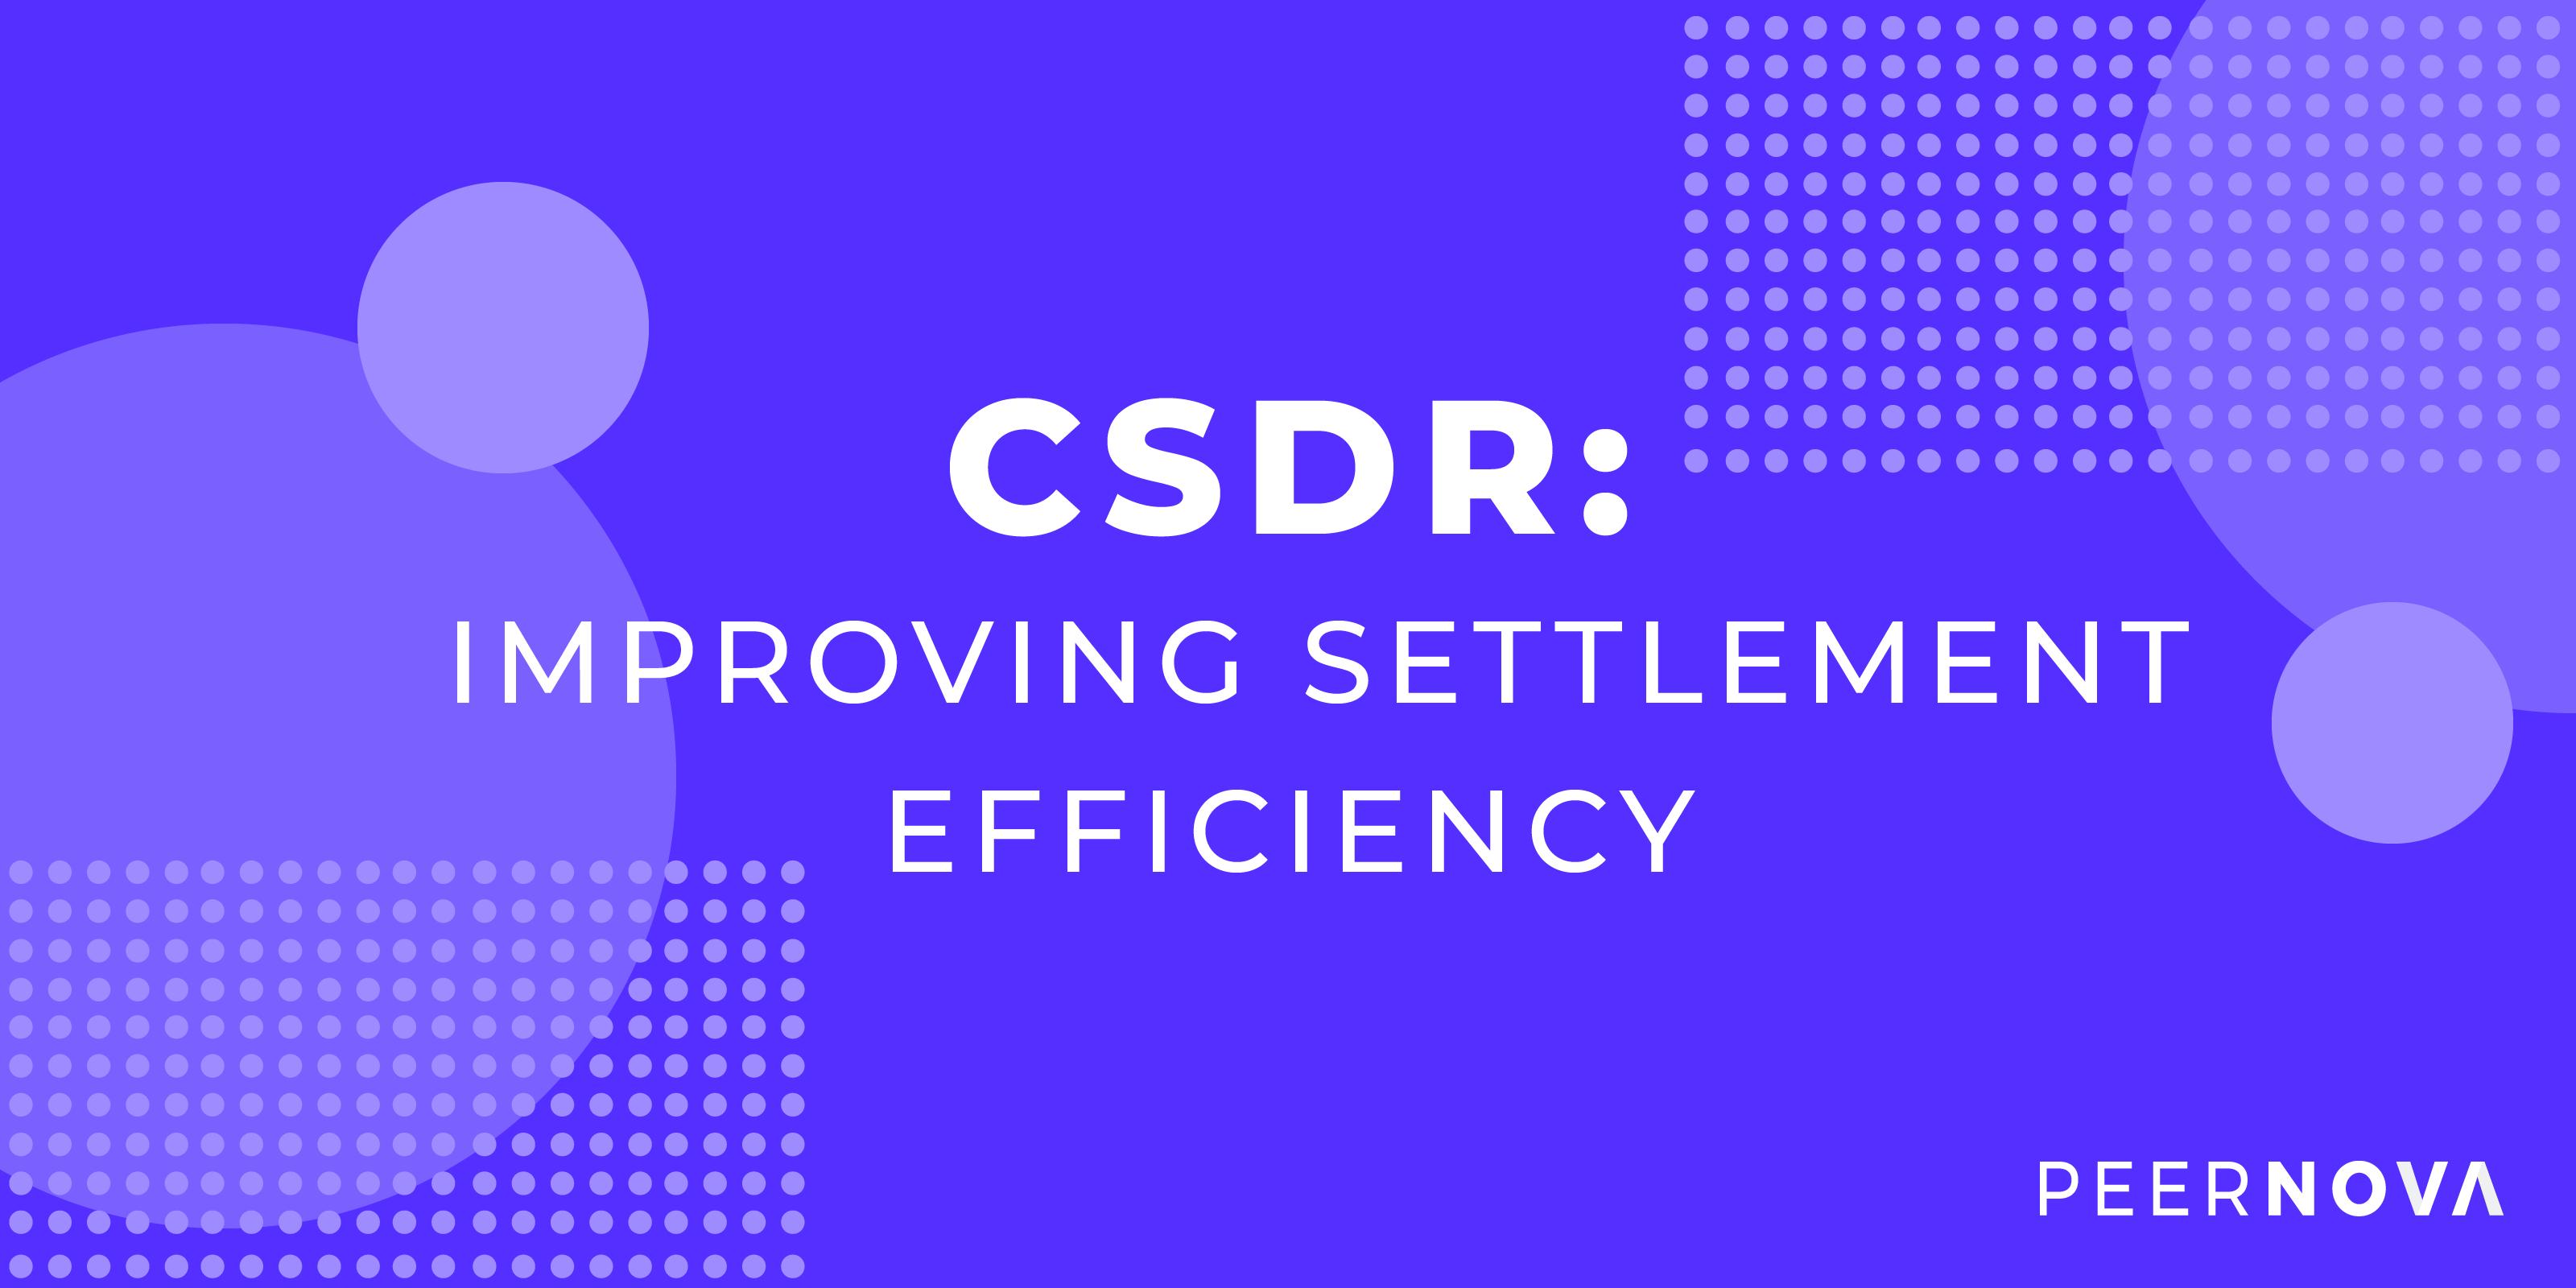 CSDR: Improving Settlement Efficiency